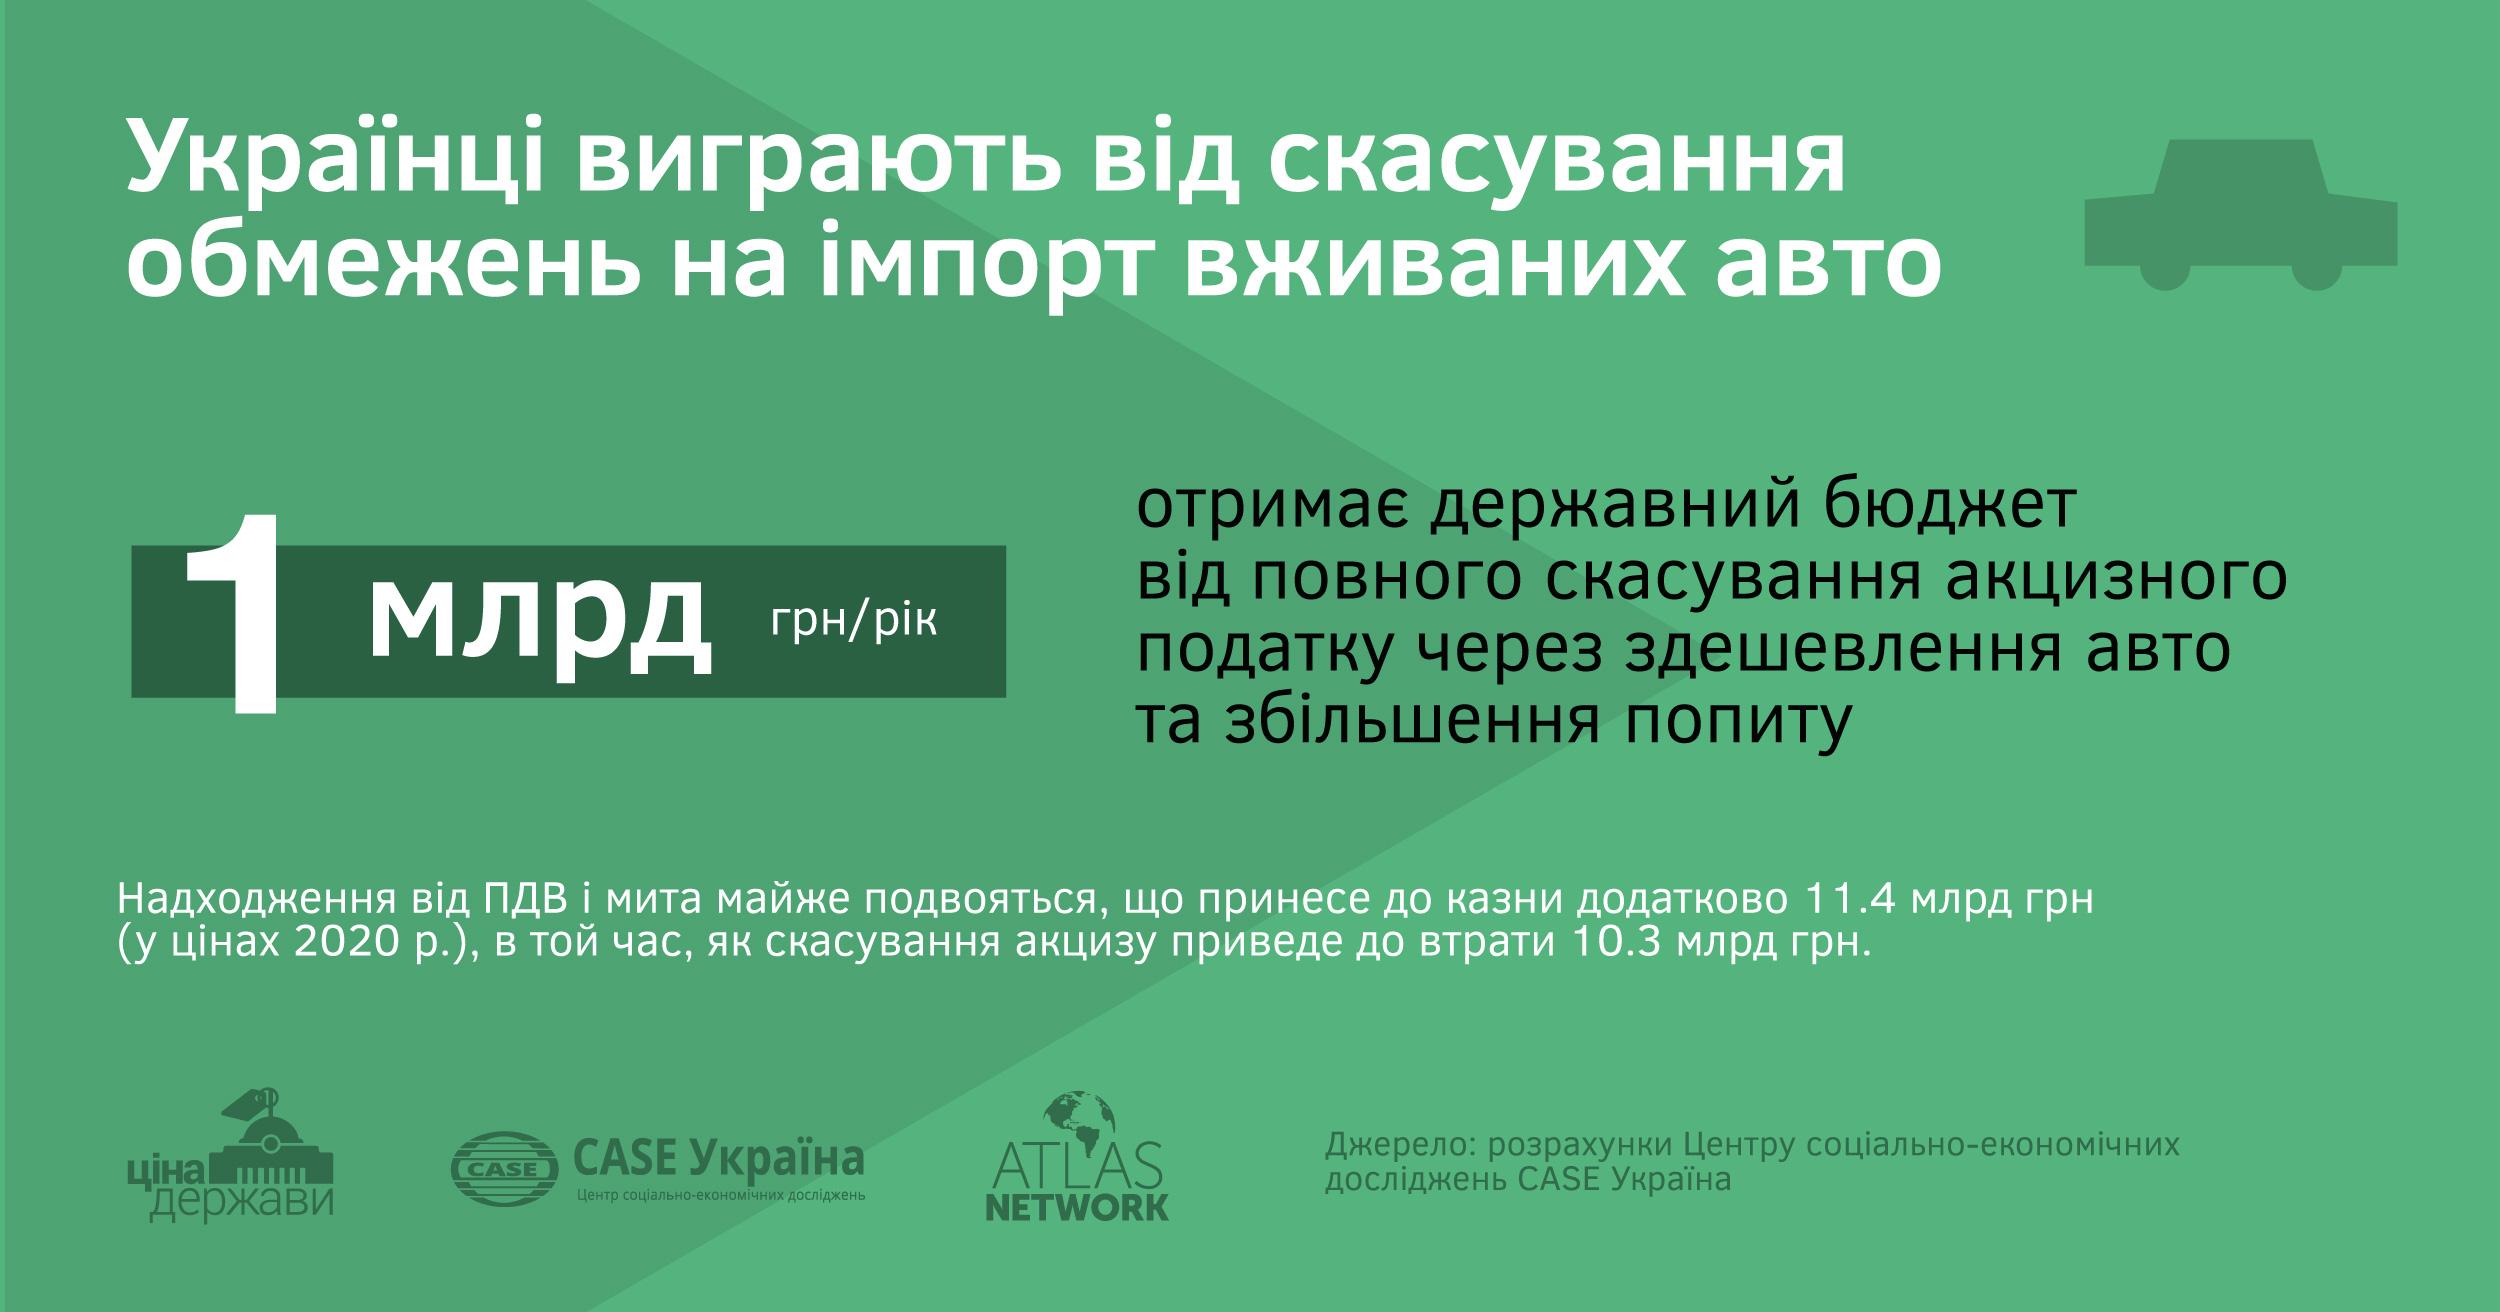 """Доступне авто проти """"вітчизняного виробника"""": що приніс українцям протекціонізм автомобільної галузі? (ІНФОГРАФІКА)"""